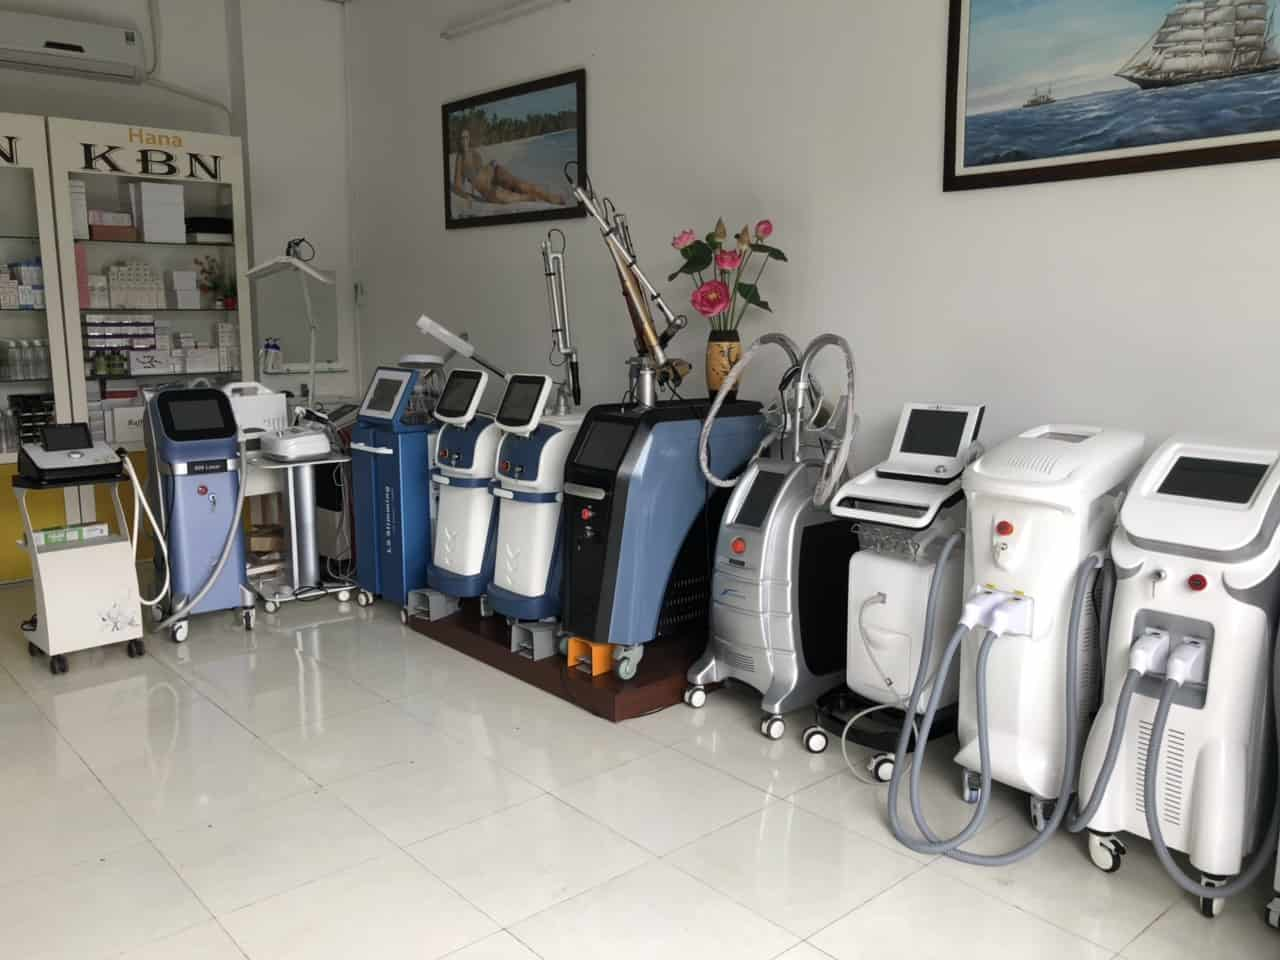 hình ảnh máy thẩm mỹ công nghệ cao tại công ty hanakbn